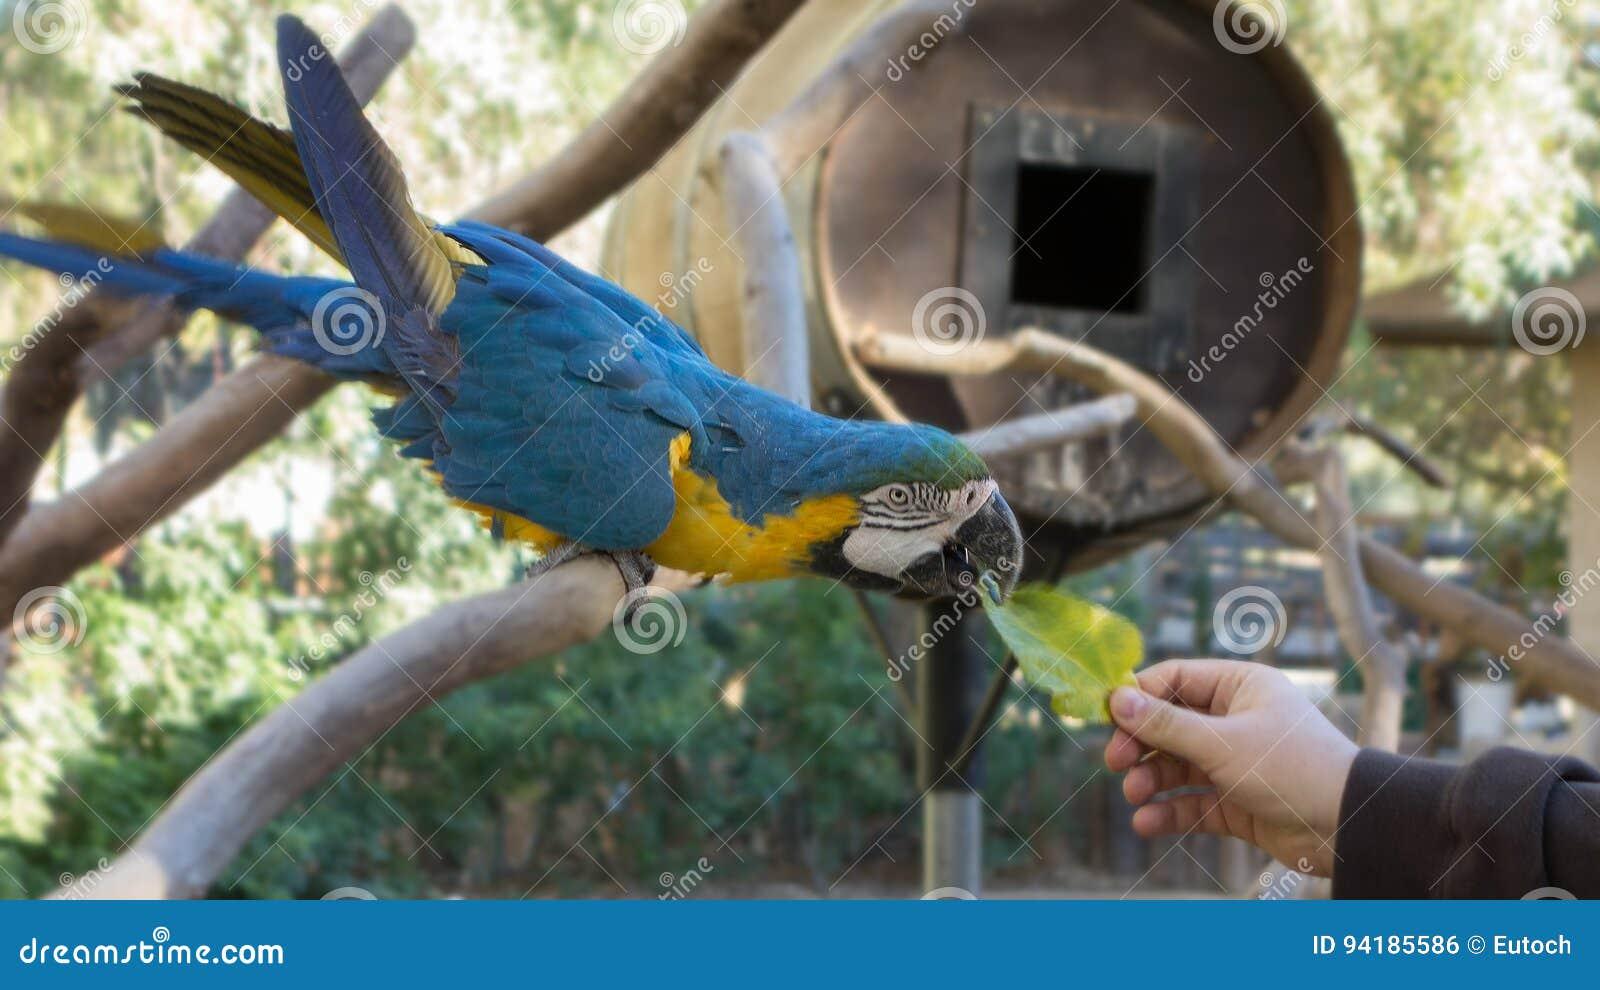 Ara ararauna或青和黄色金刚鹦鹉